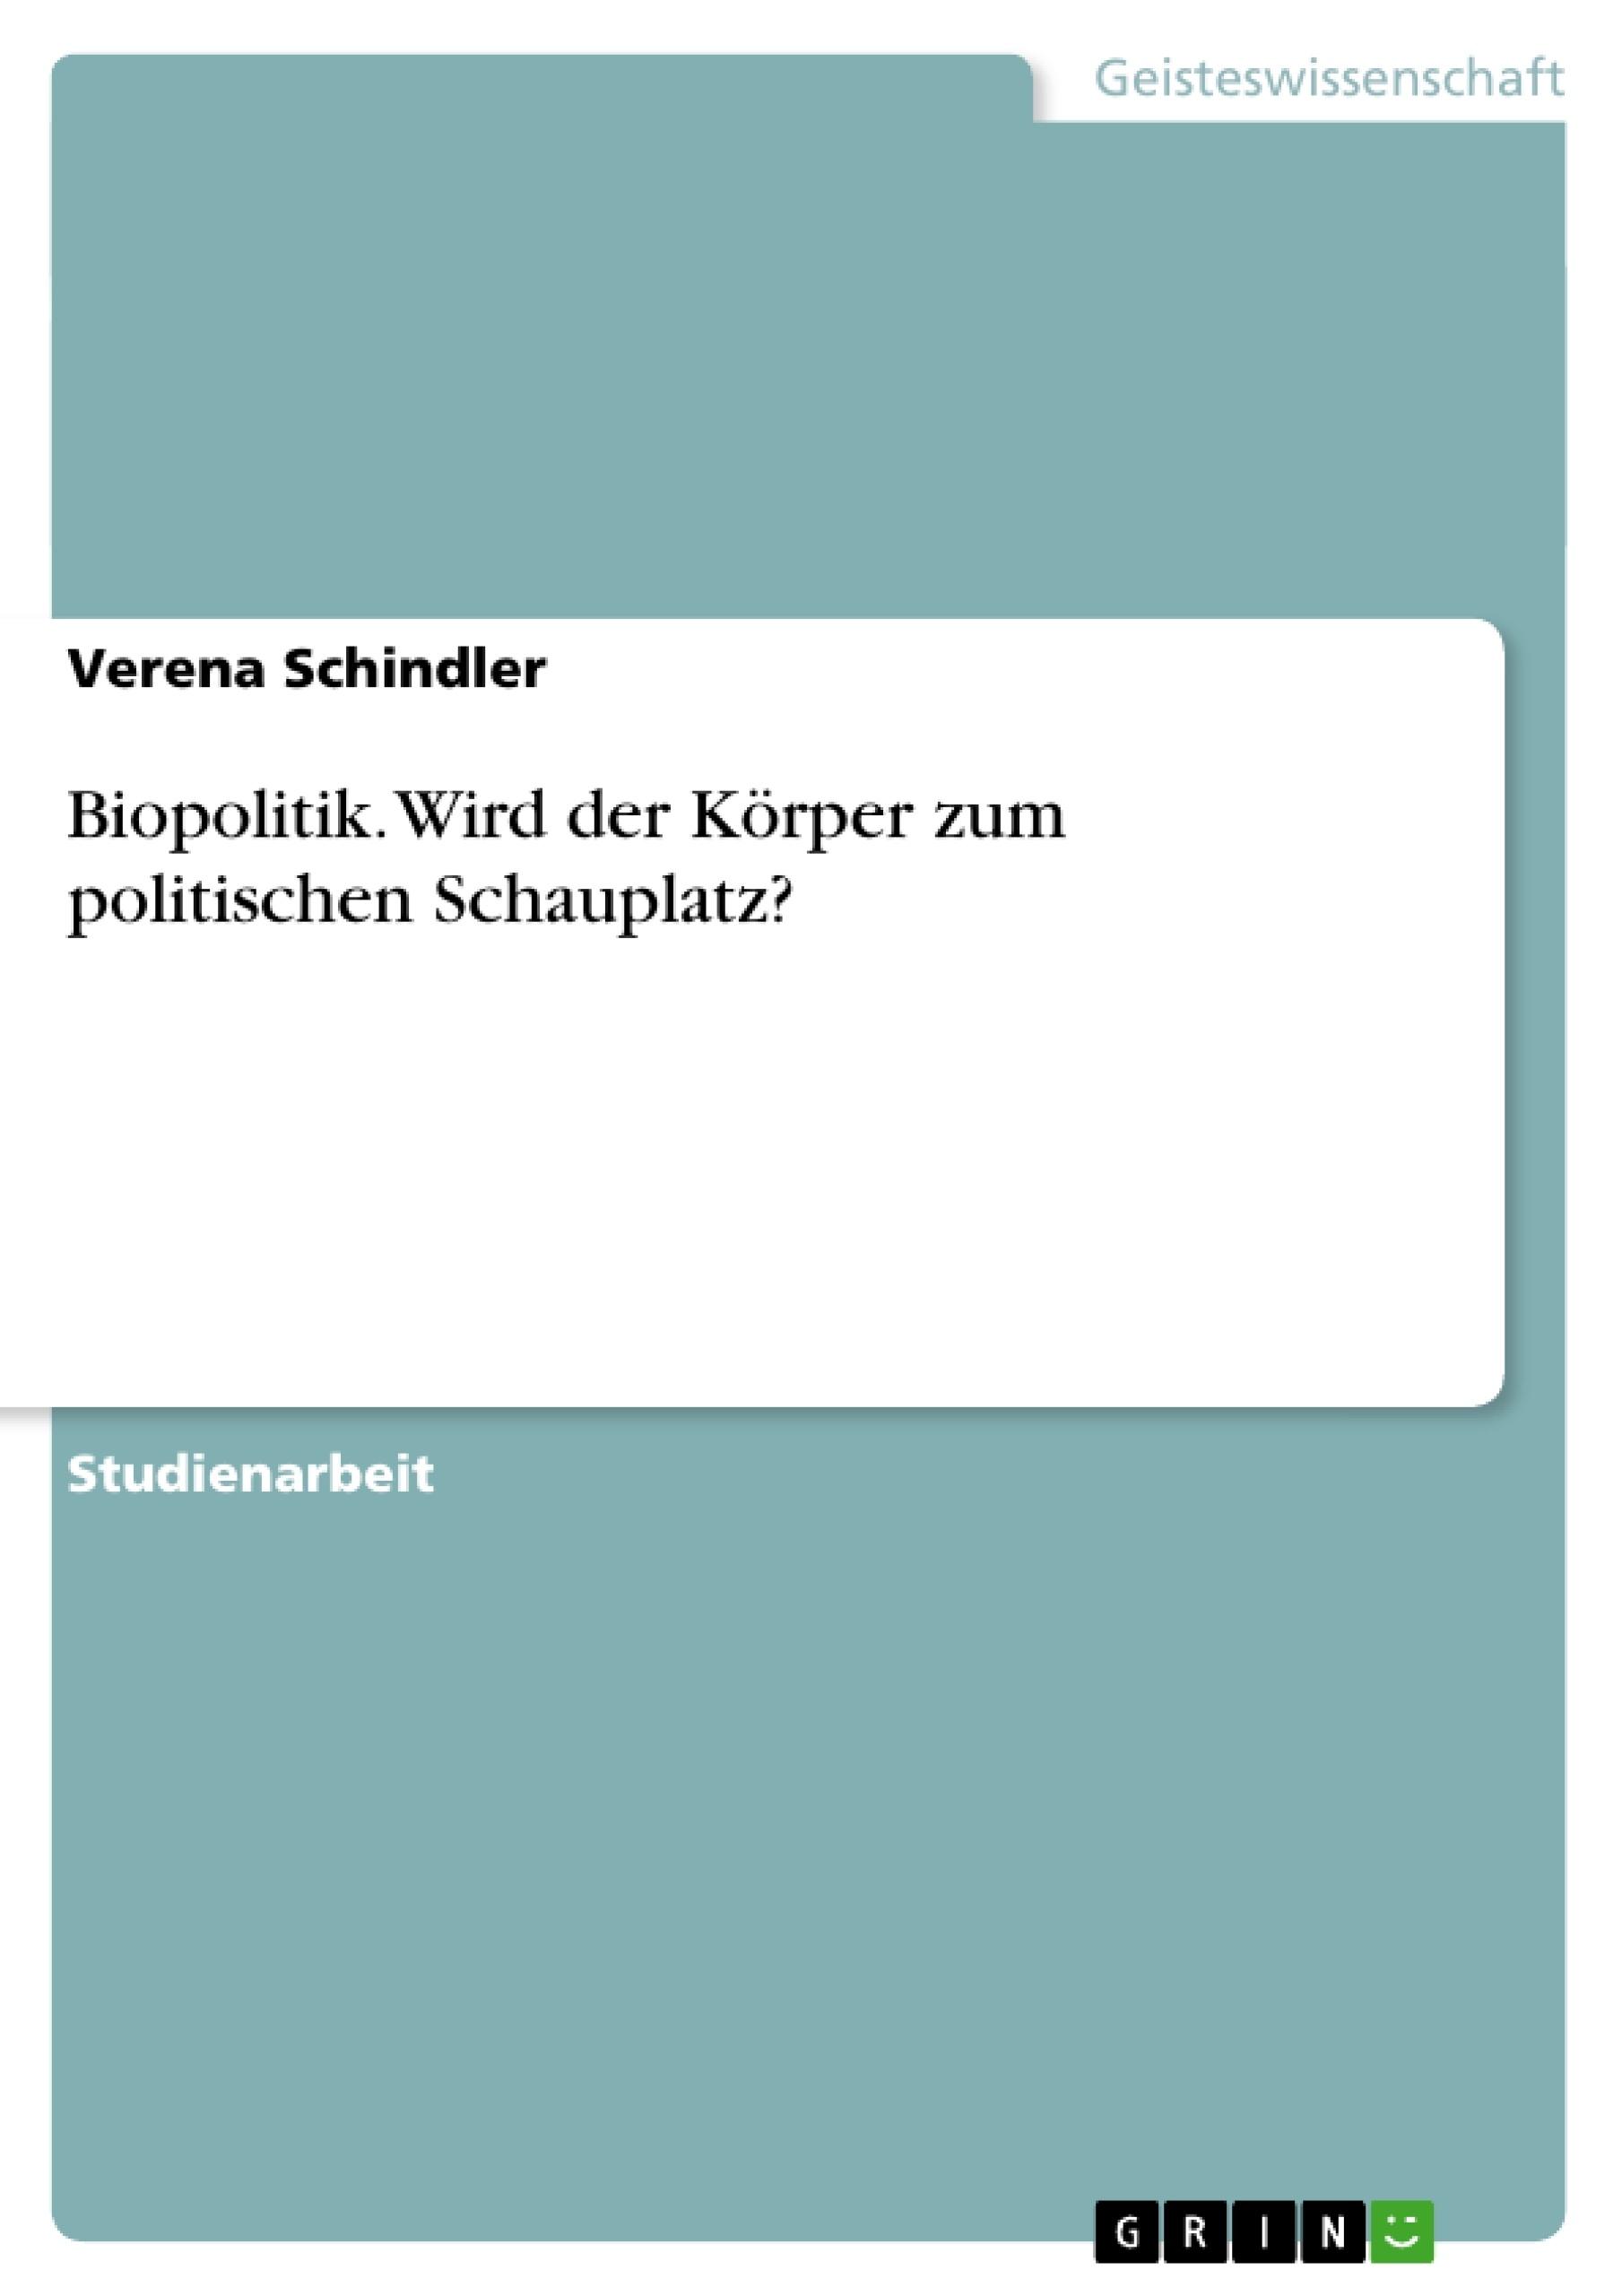 Titel: Biopolitik. Wird der Körper zum politischen Schauplatz?